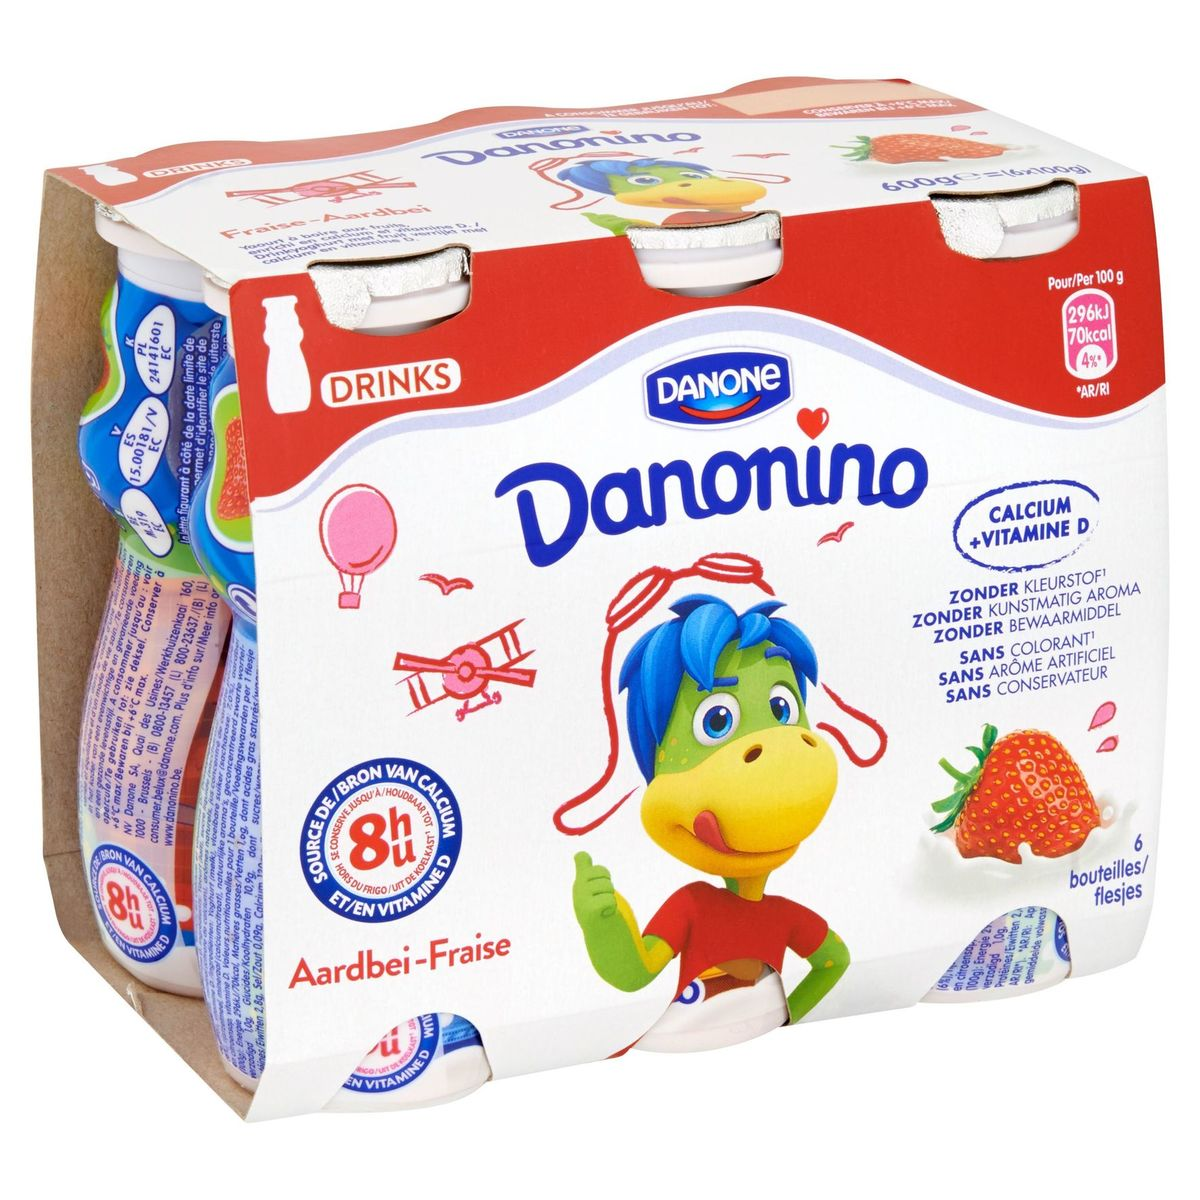 Danonino Drinks Yaourt à Boire Fraise pour les Enfants 6 x 100 g